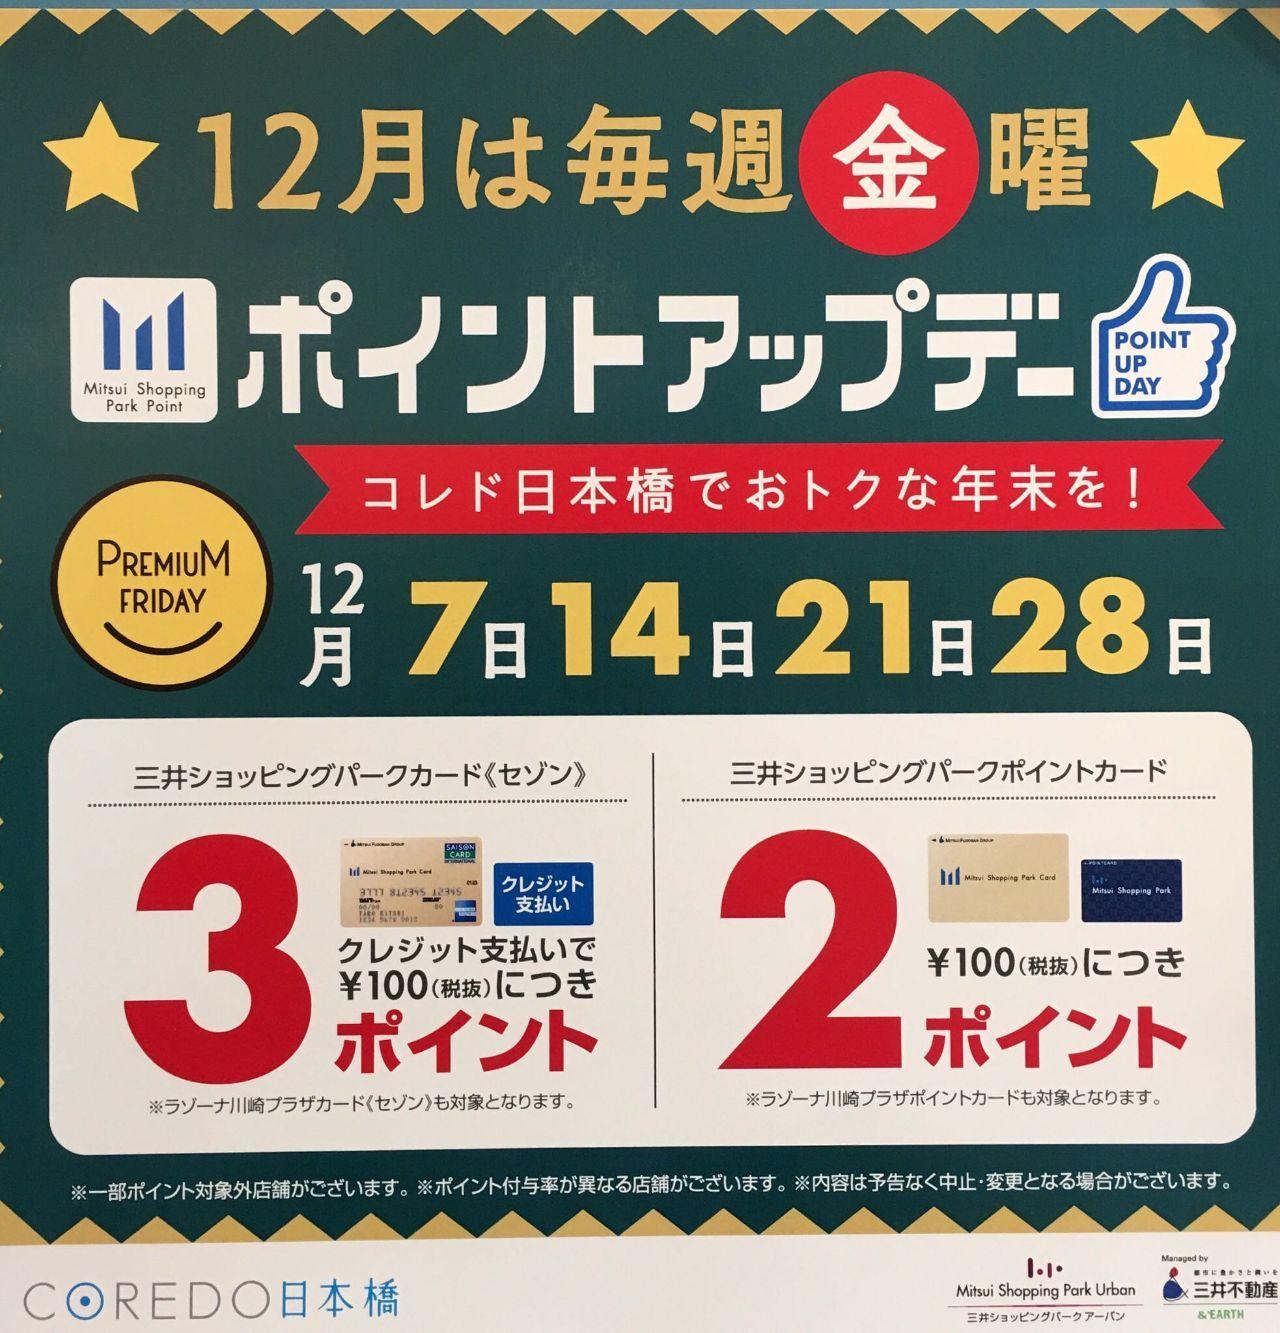 コレド日本橋 ポイントアップデー【コレド日本橋店】の写真